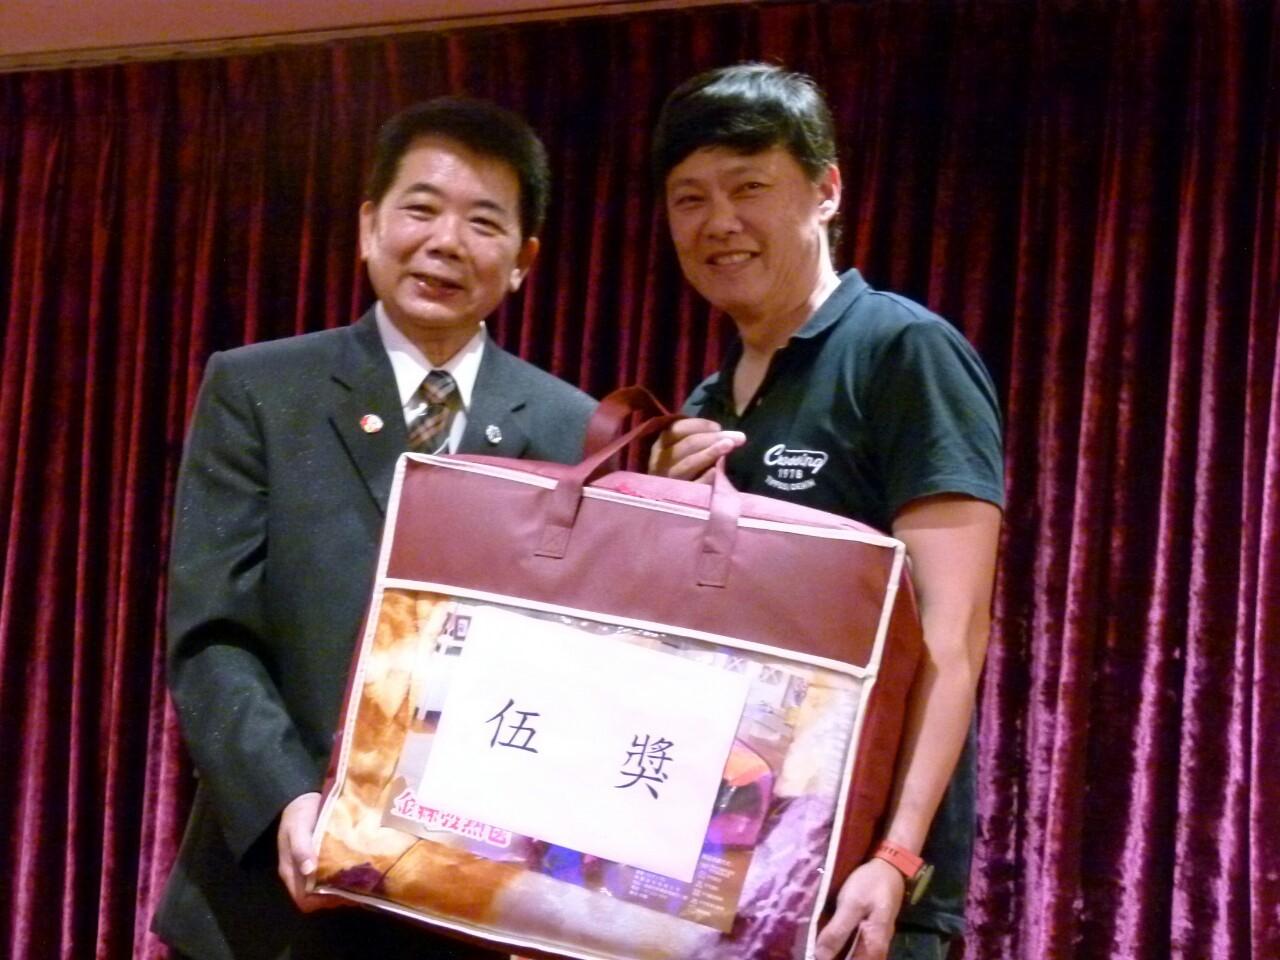 台南市西藥商業同業公會第29屆第一次會員大會_200114_0081